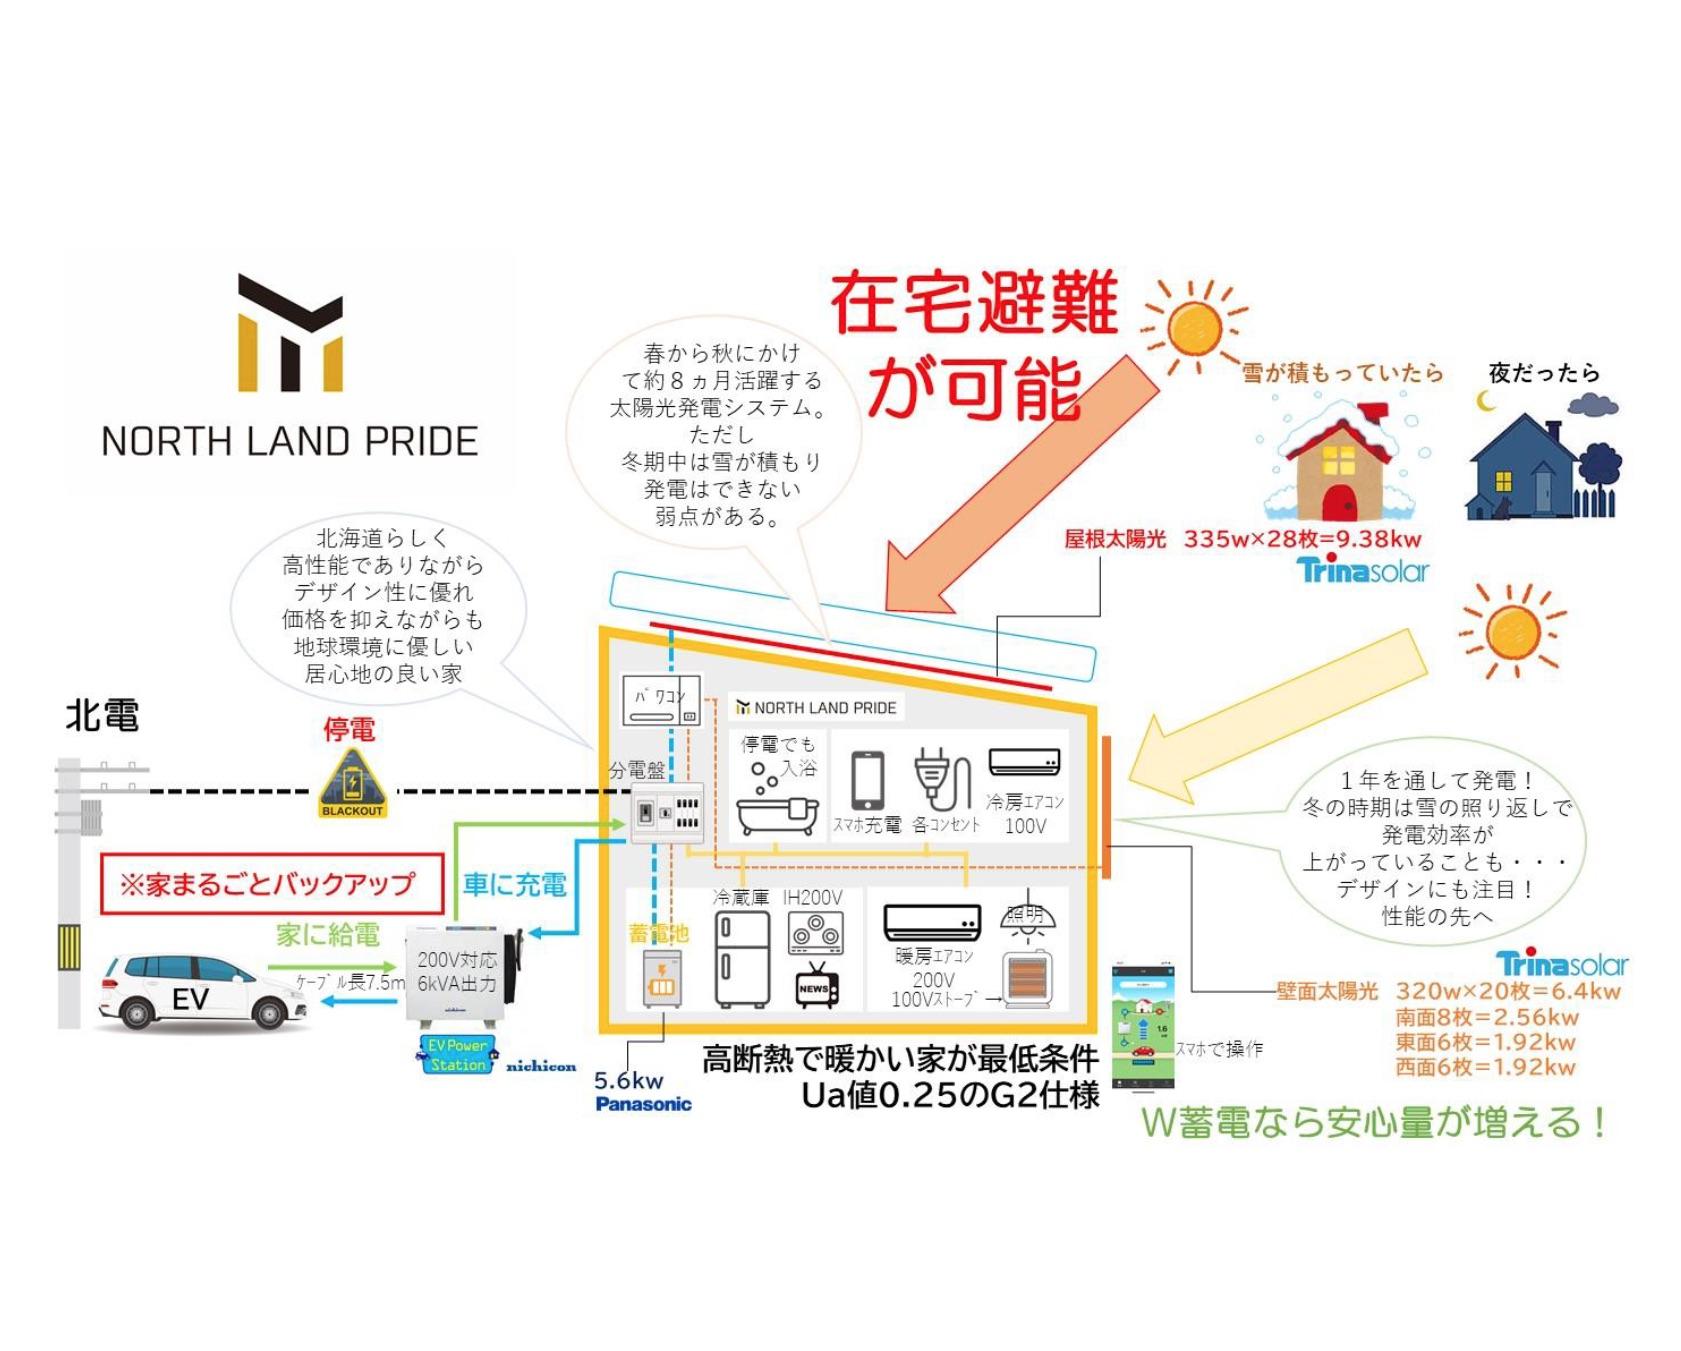 札幌の藤城建設、真冬のブラックアウト想定し「在宅避難」できる家づくりを提案